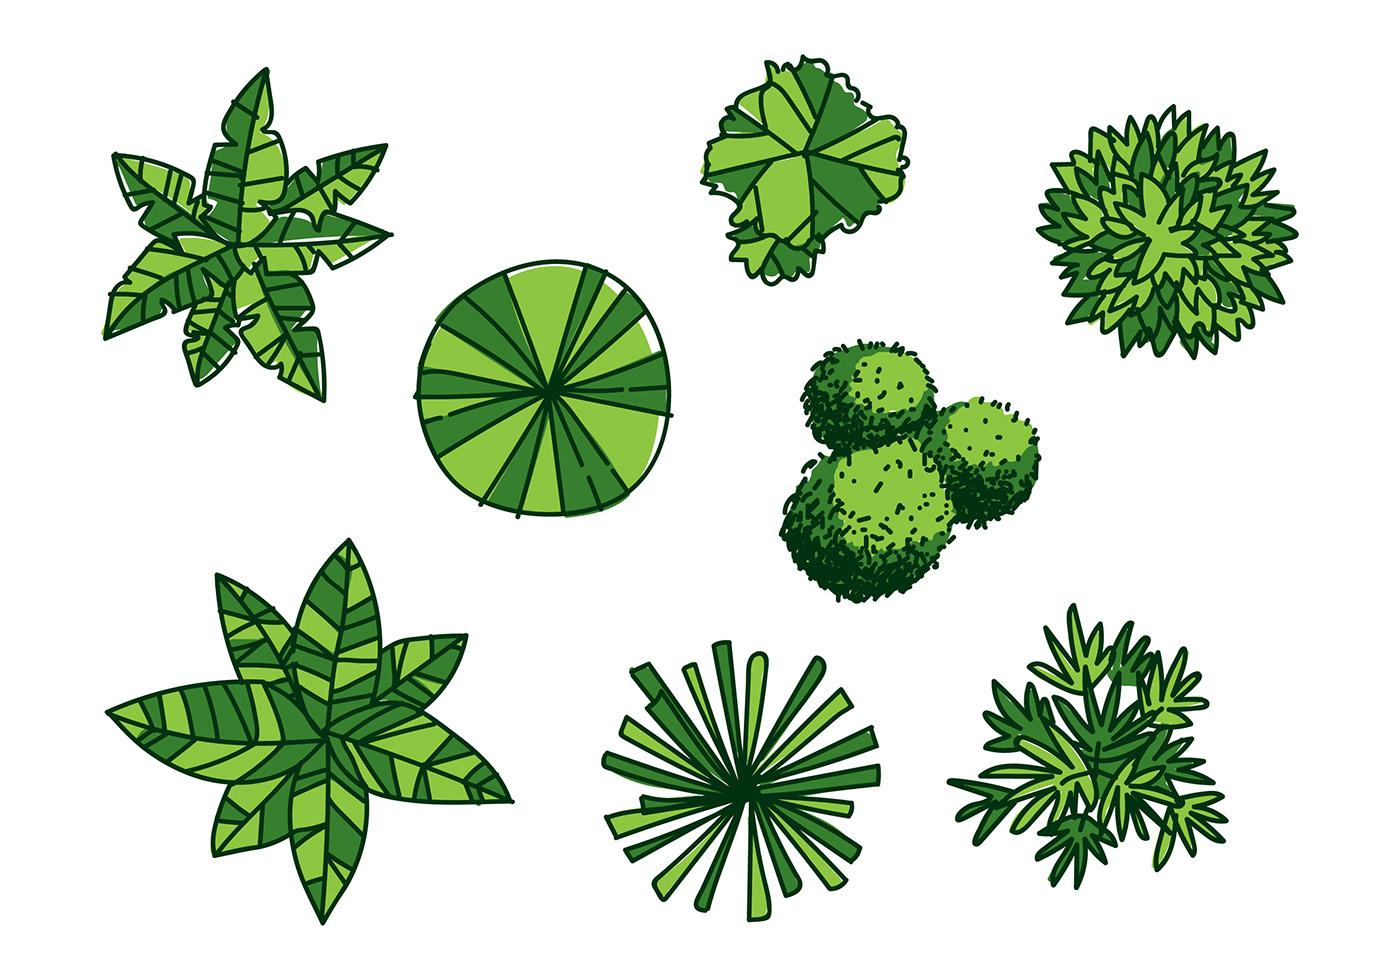 Tree Tops Vector - Download Free Vectors, Clipart Graphics ...